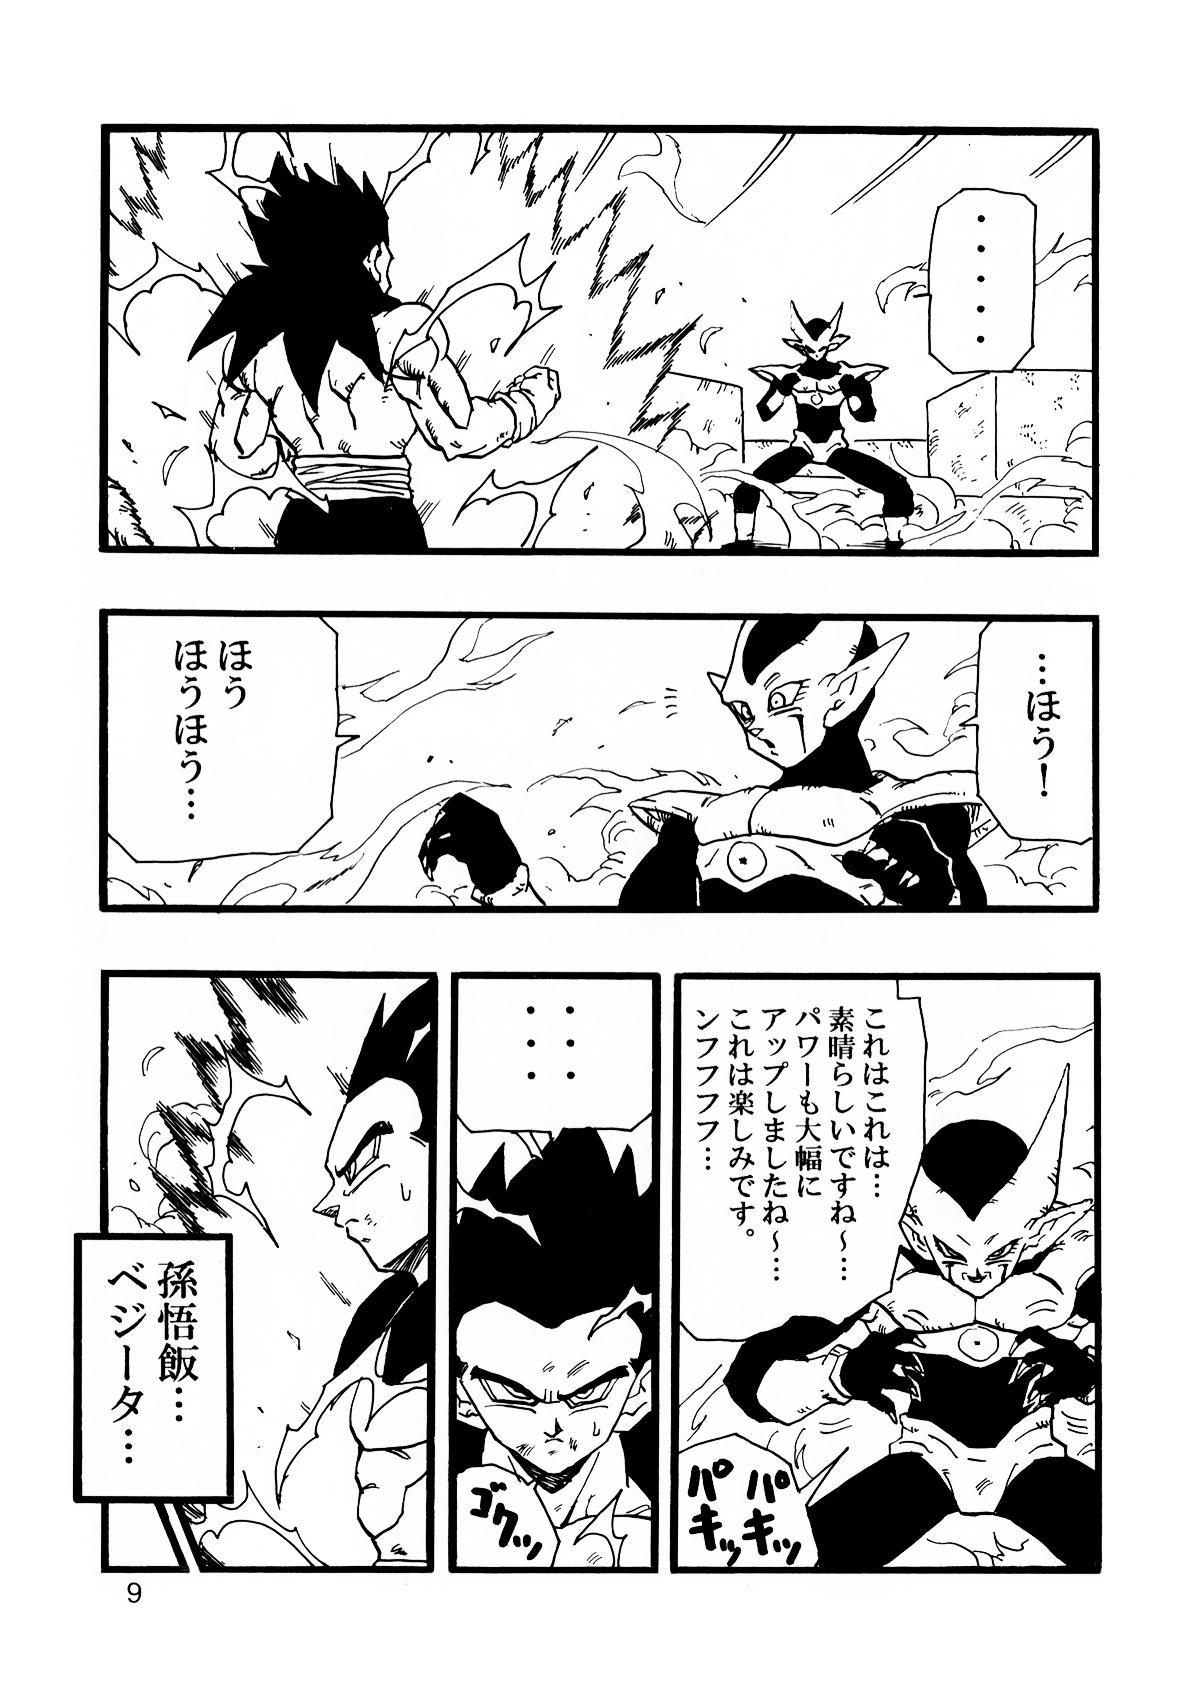 Dragon Ball AF Vol. 12 9